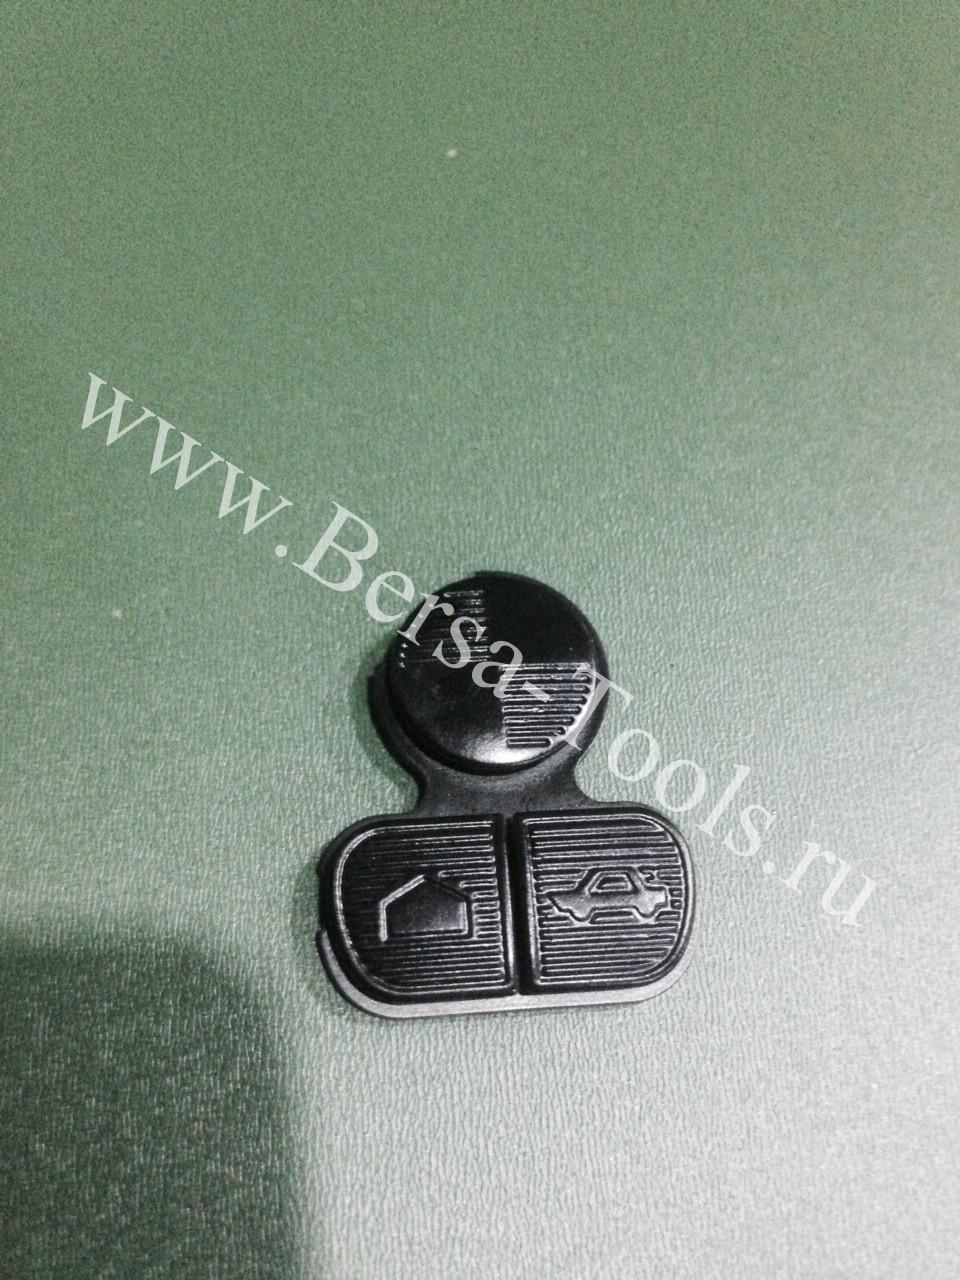 Замена кнопок в ключе БМВ е36 е38 е39 е53